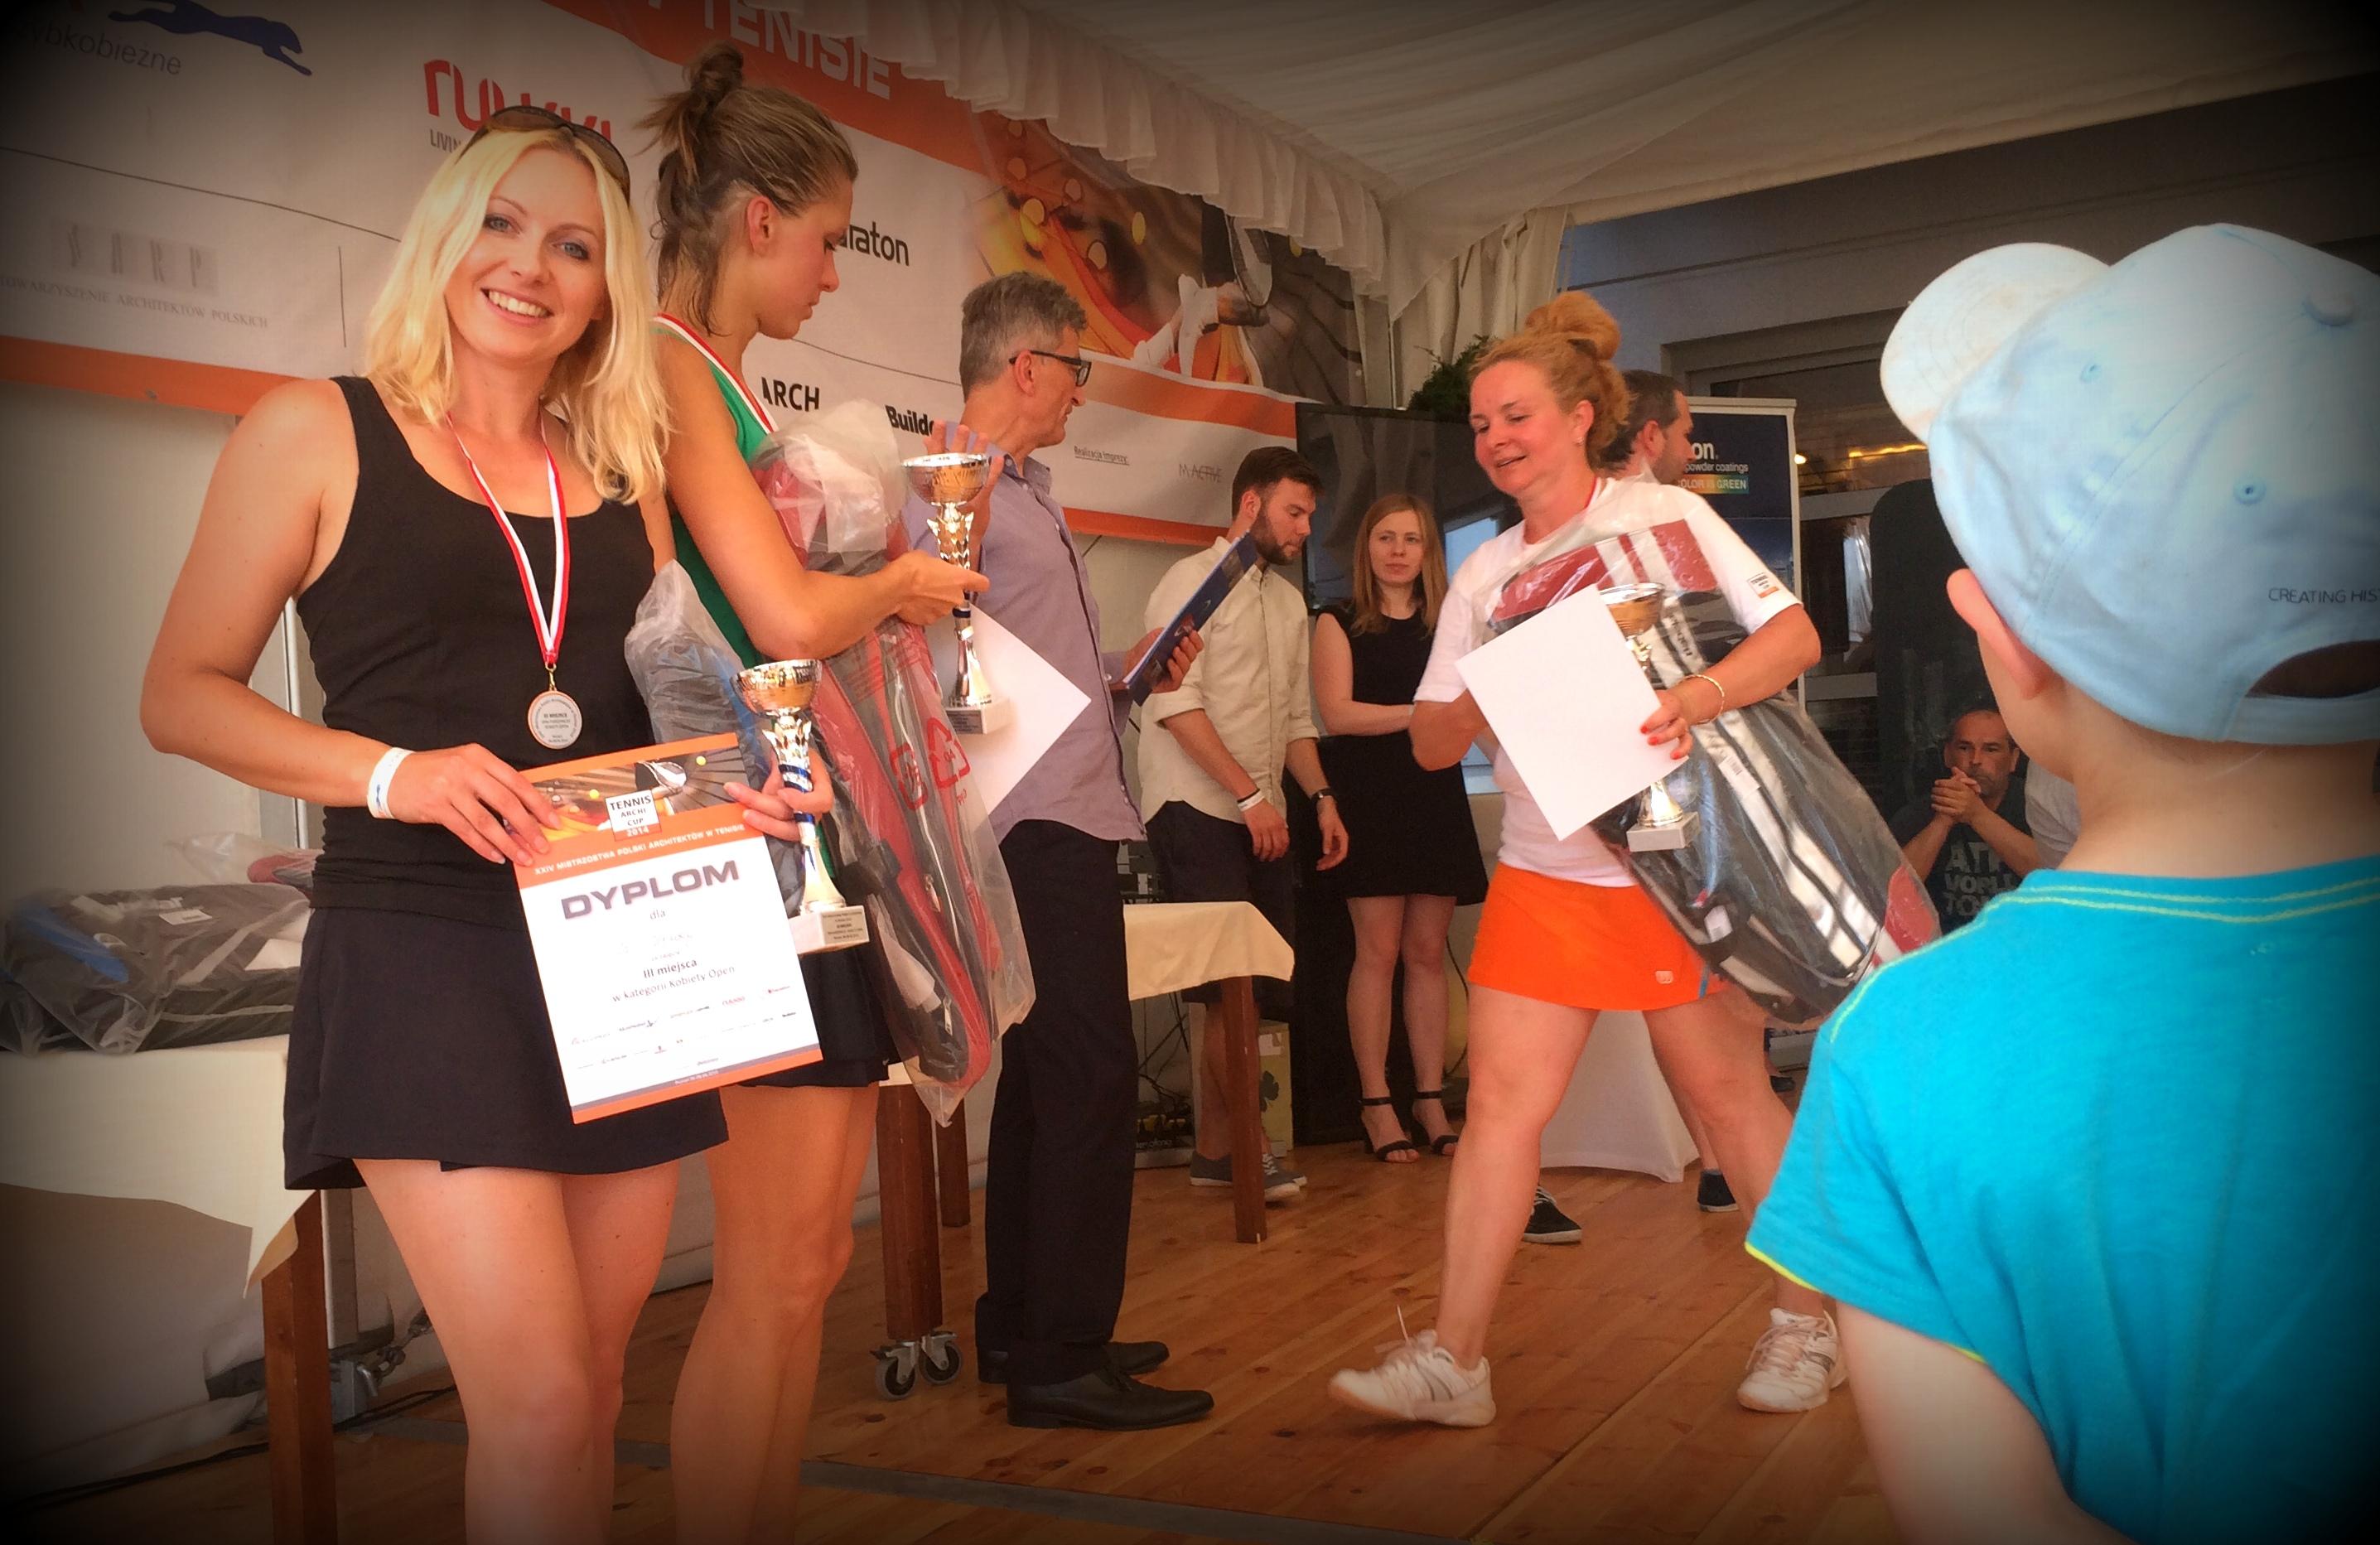 Wygrana w Mistrzostwach Polski TENNIS ARCHI CUP 2014